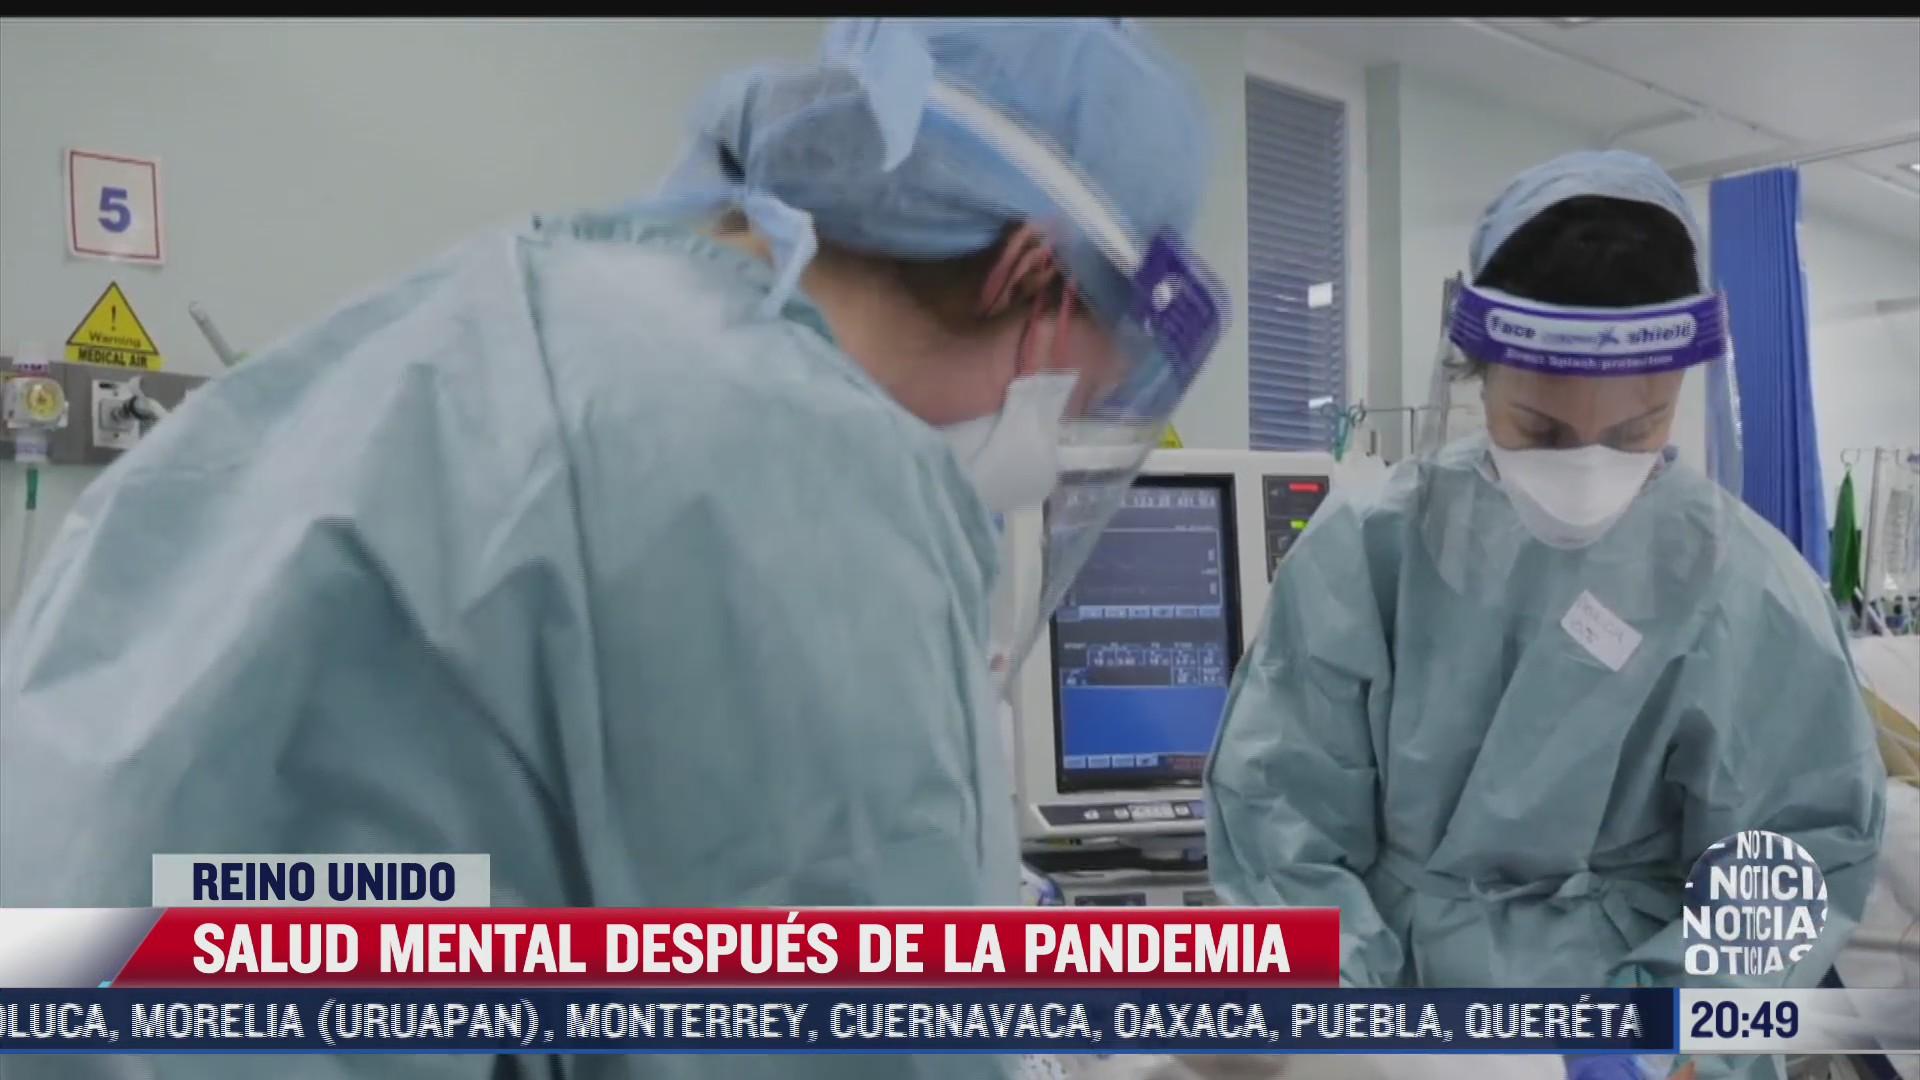 salud mental despues de la pandemia en reino unido